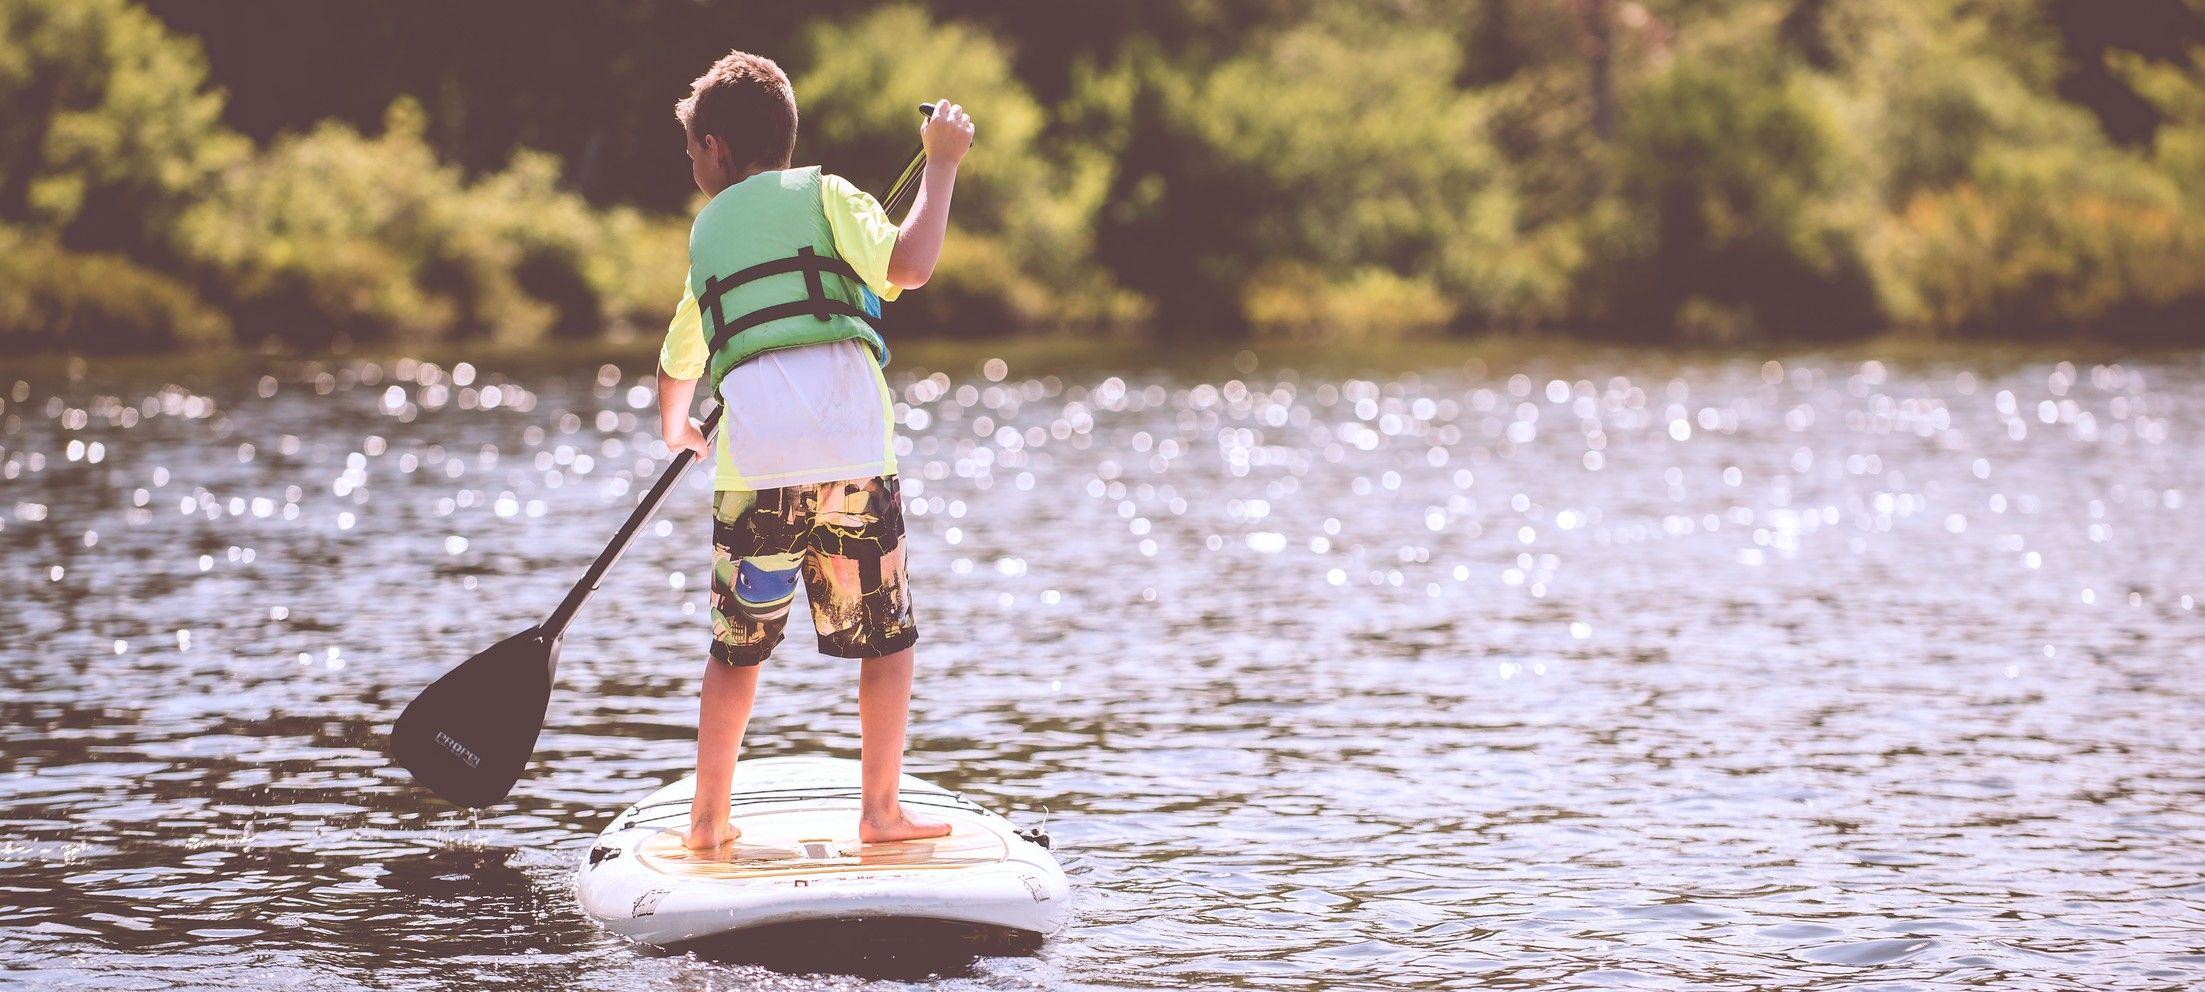 Kind steht auf Stand-Up Paddle im Wasser